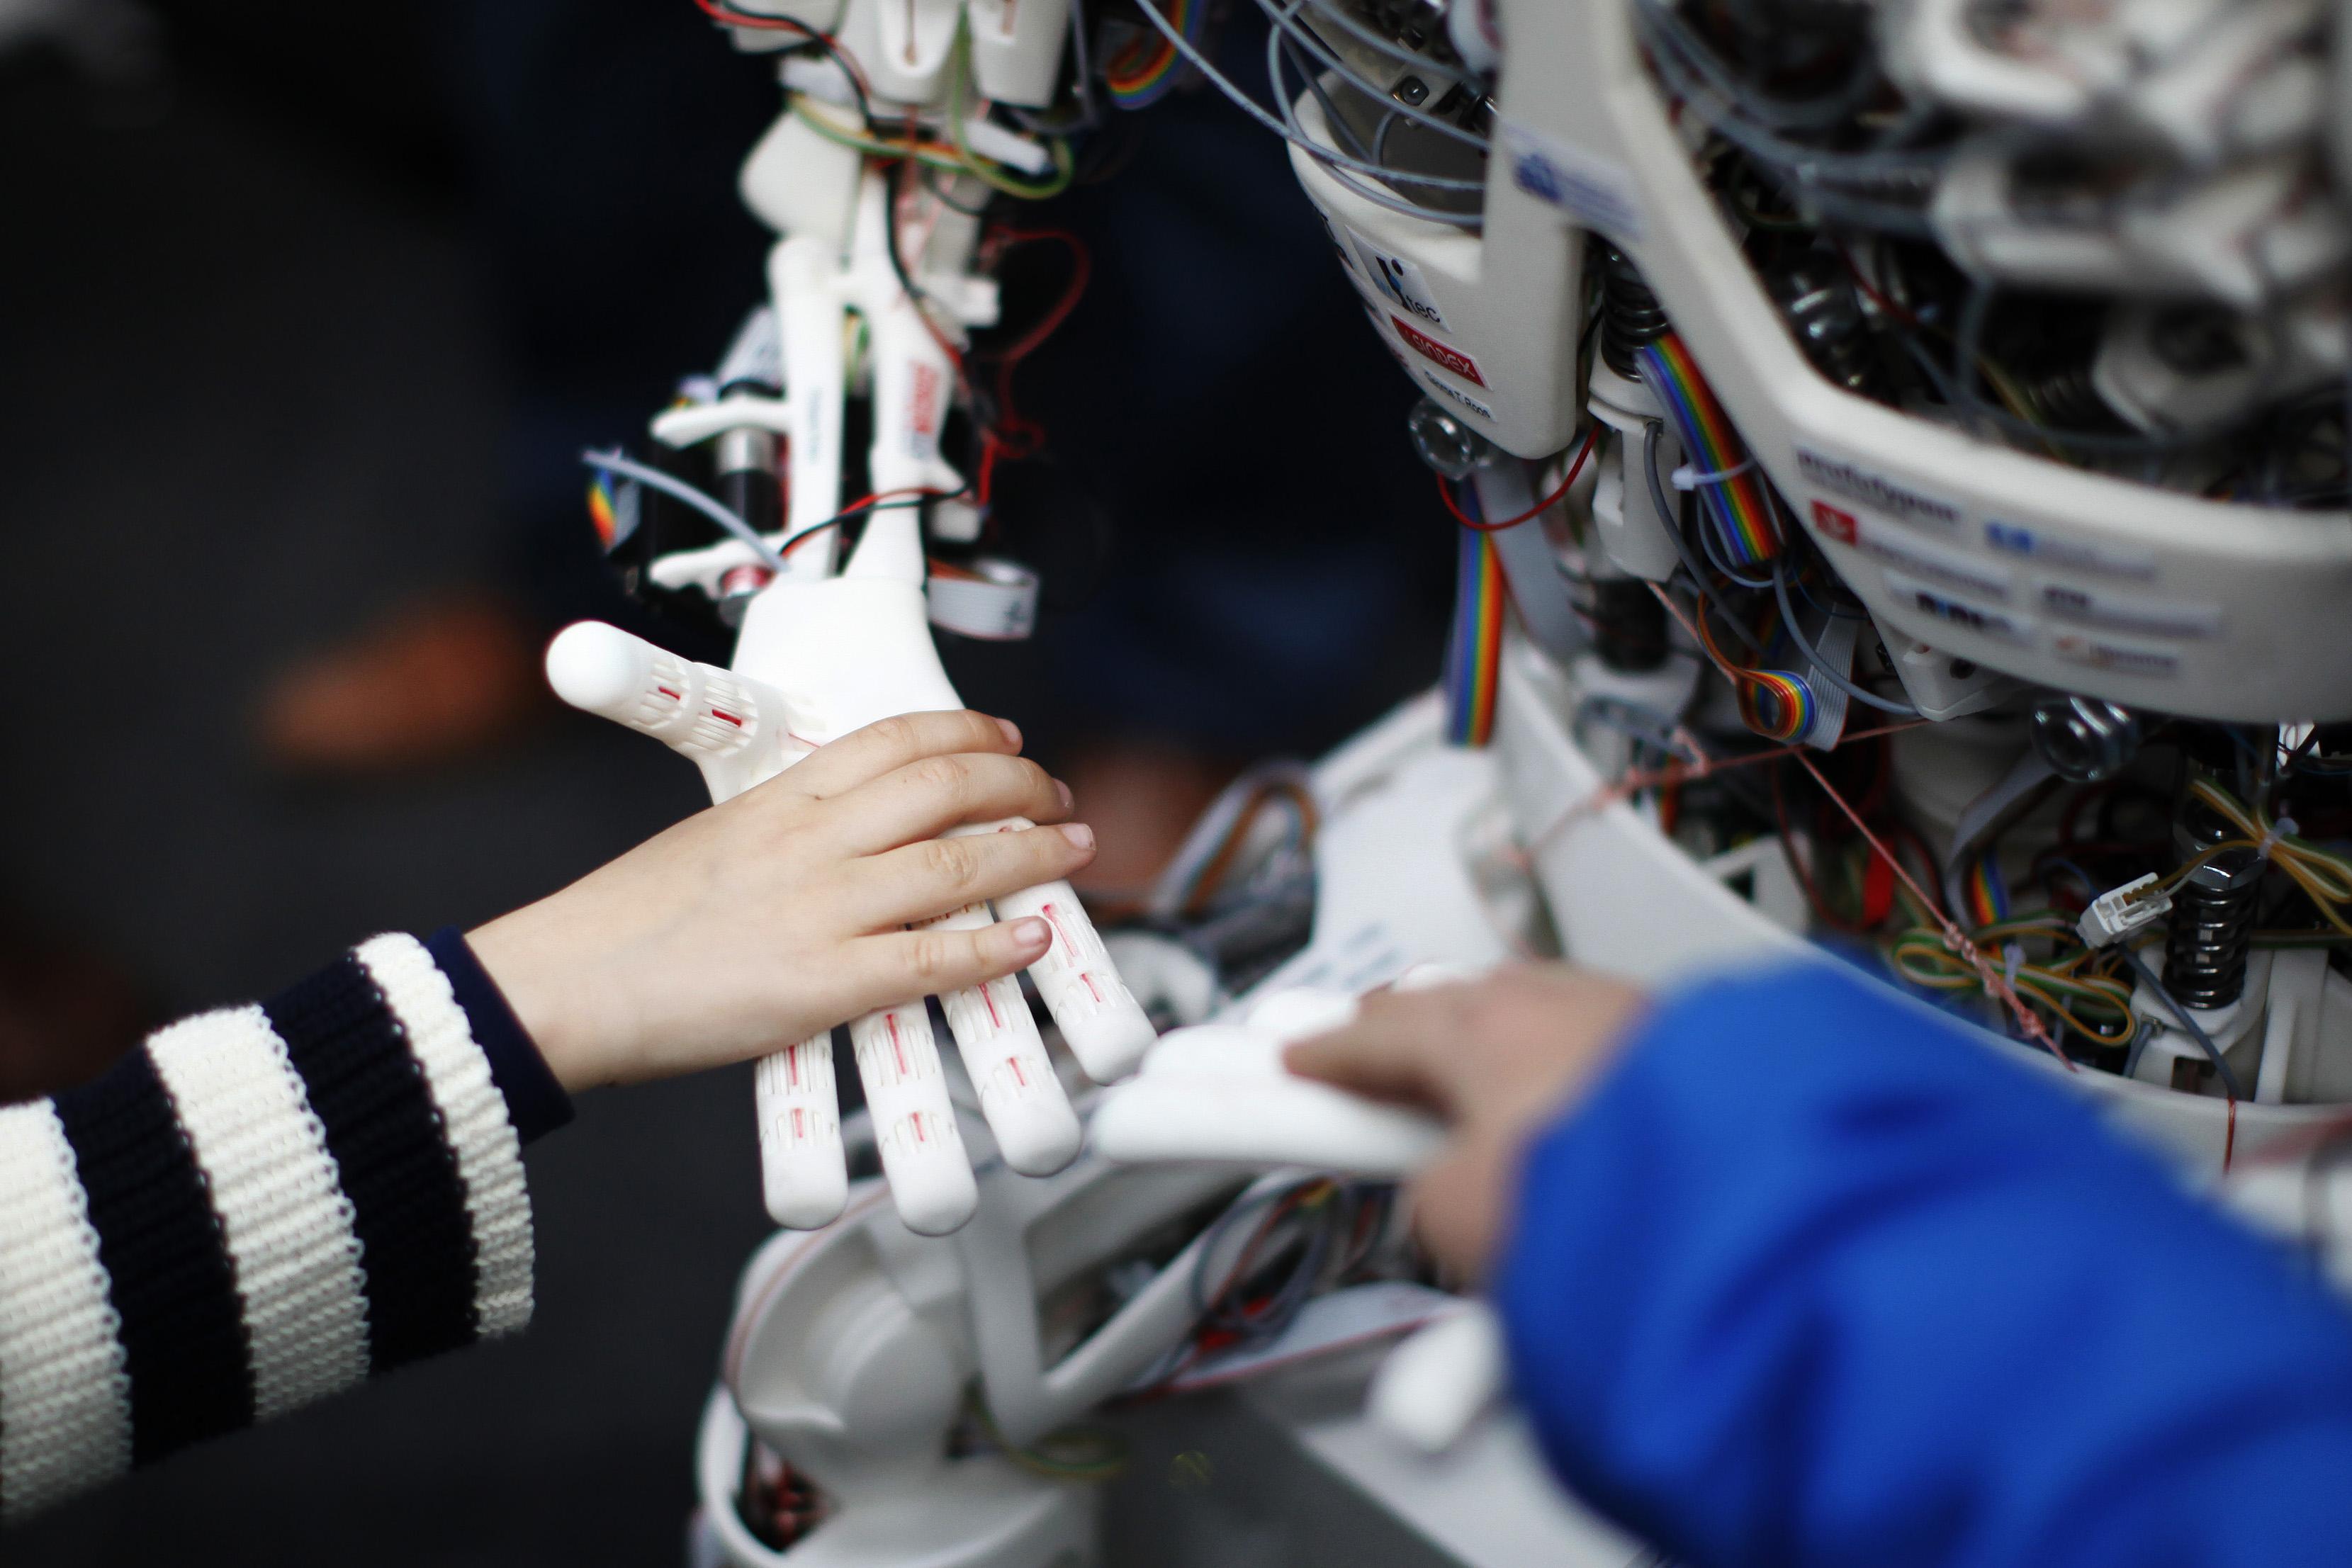 機器人、虛擬實境、人工智慧等技術的未來是什麼?幾個頂級大腦給你一些參考